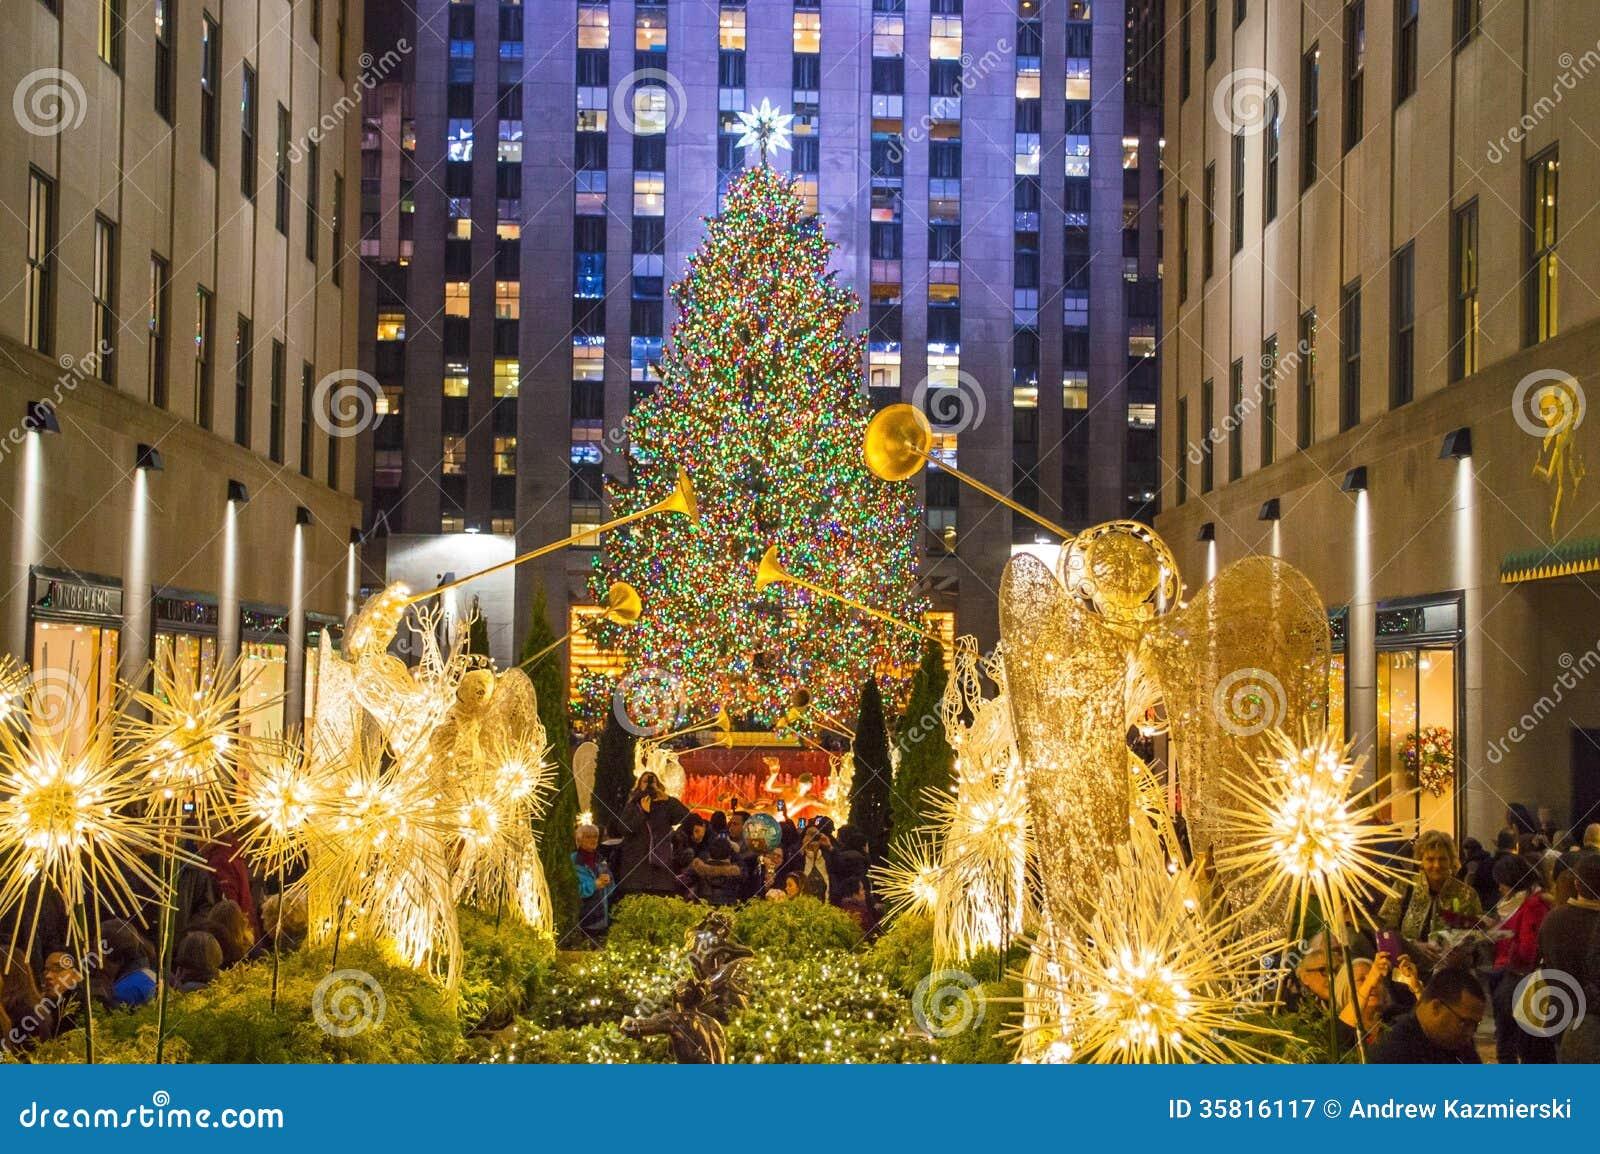 Nyc Christmas Tree Lighting